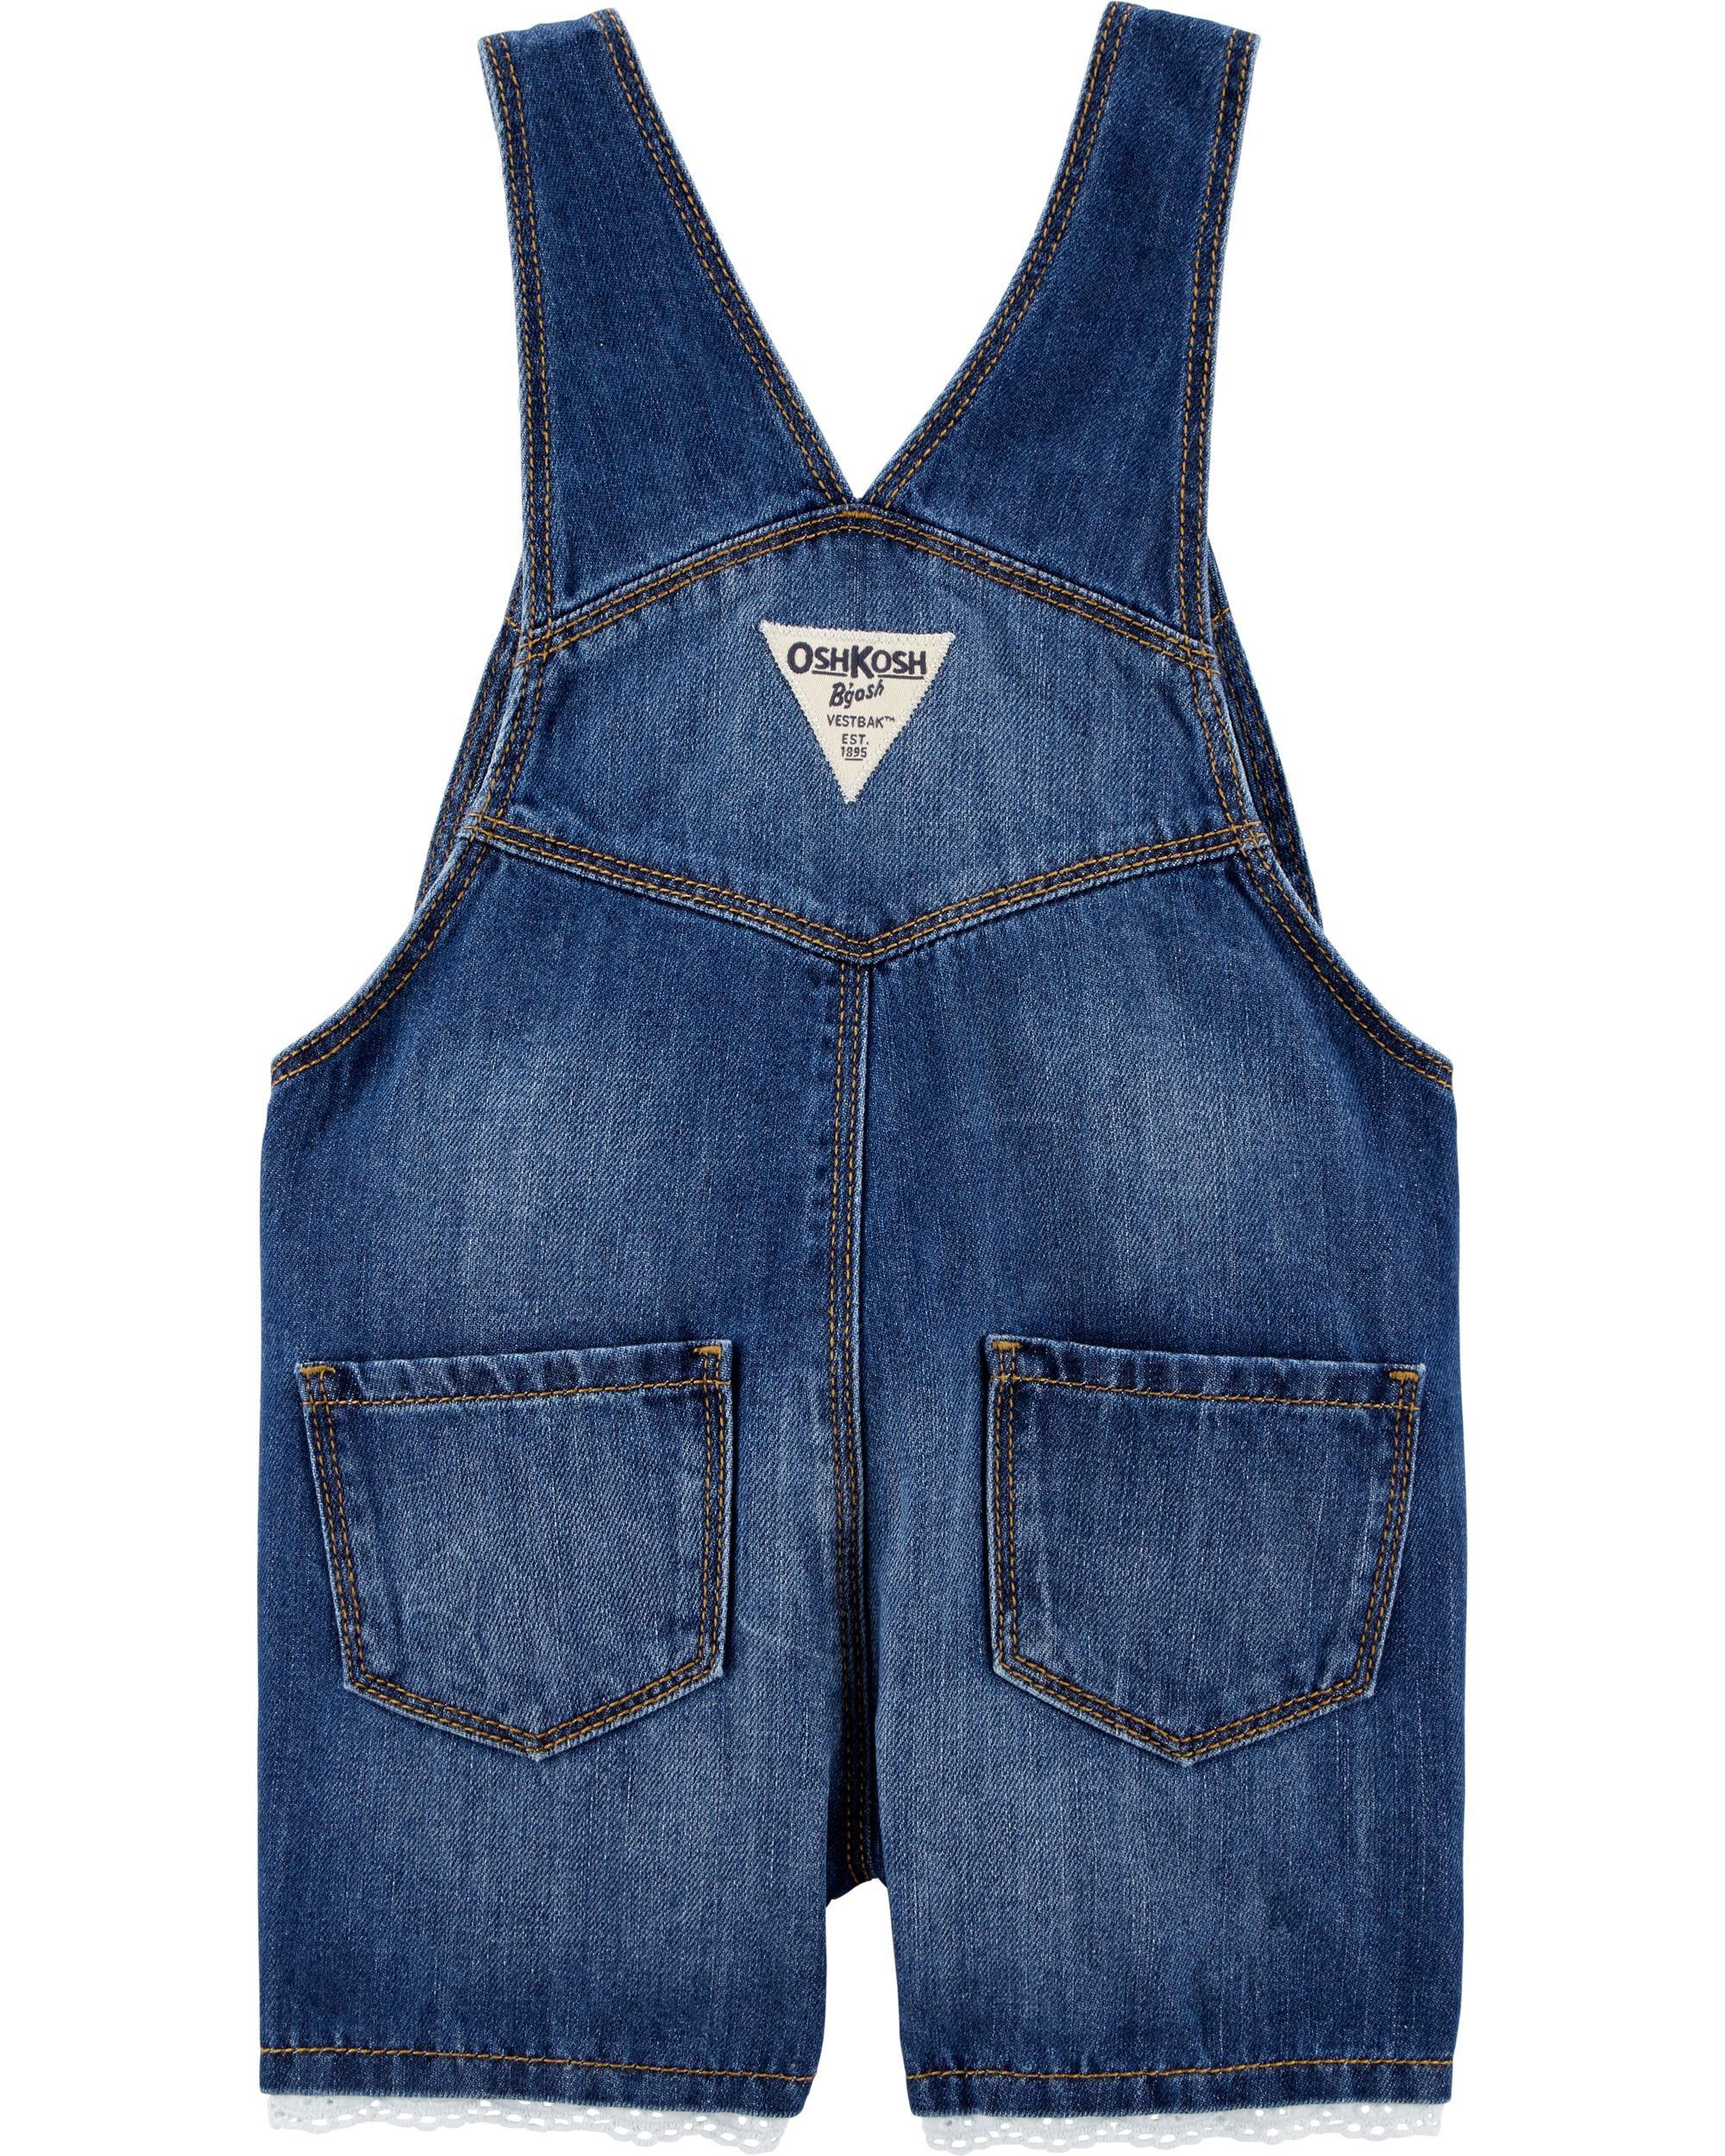 Baby & Toddler Clothing Oshkosh Baby Boy 9 Month White Vestbak Shortalls!! Clothing, Shoes & Accessories